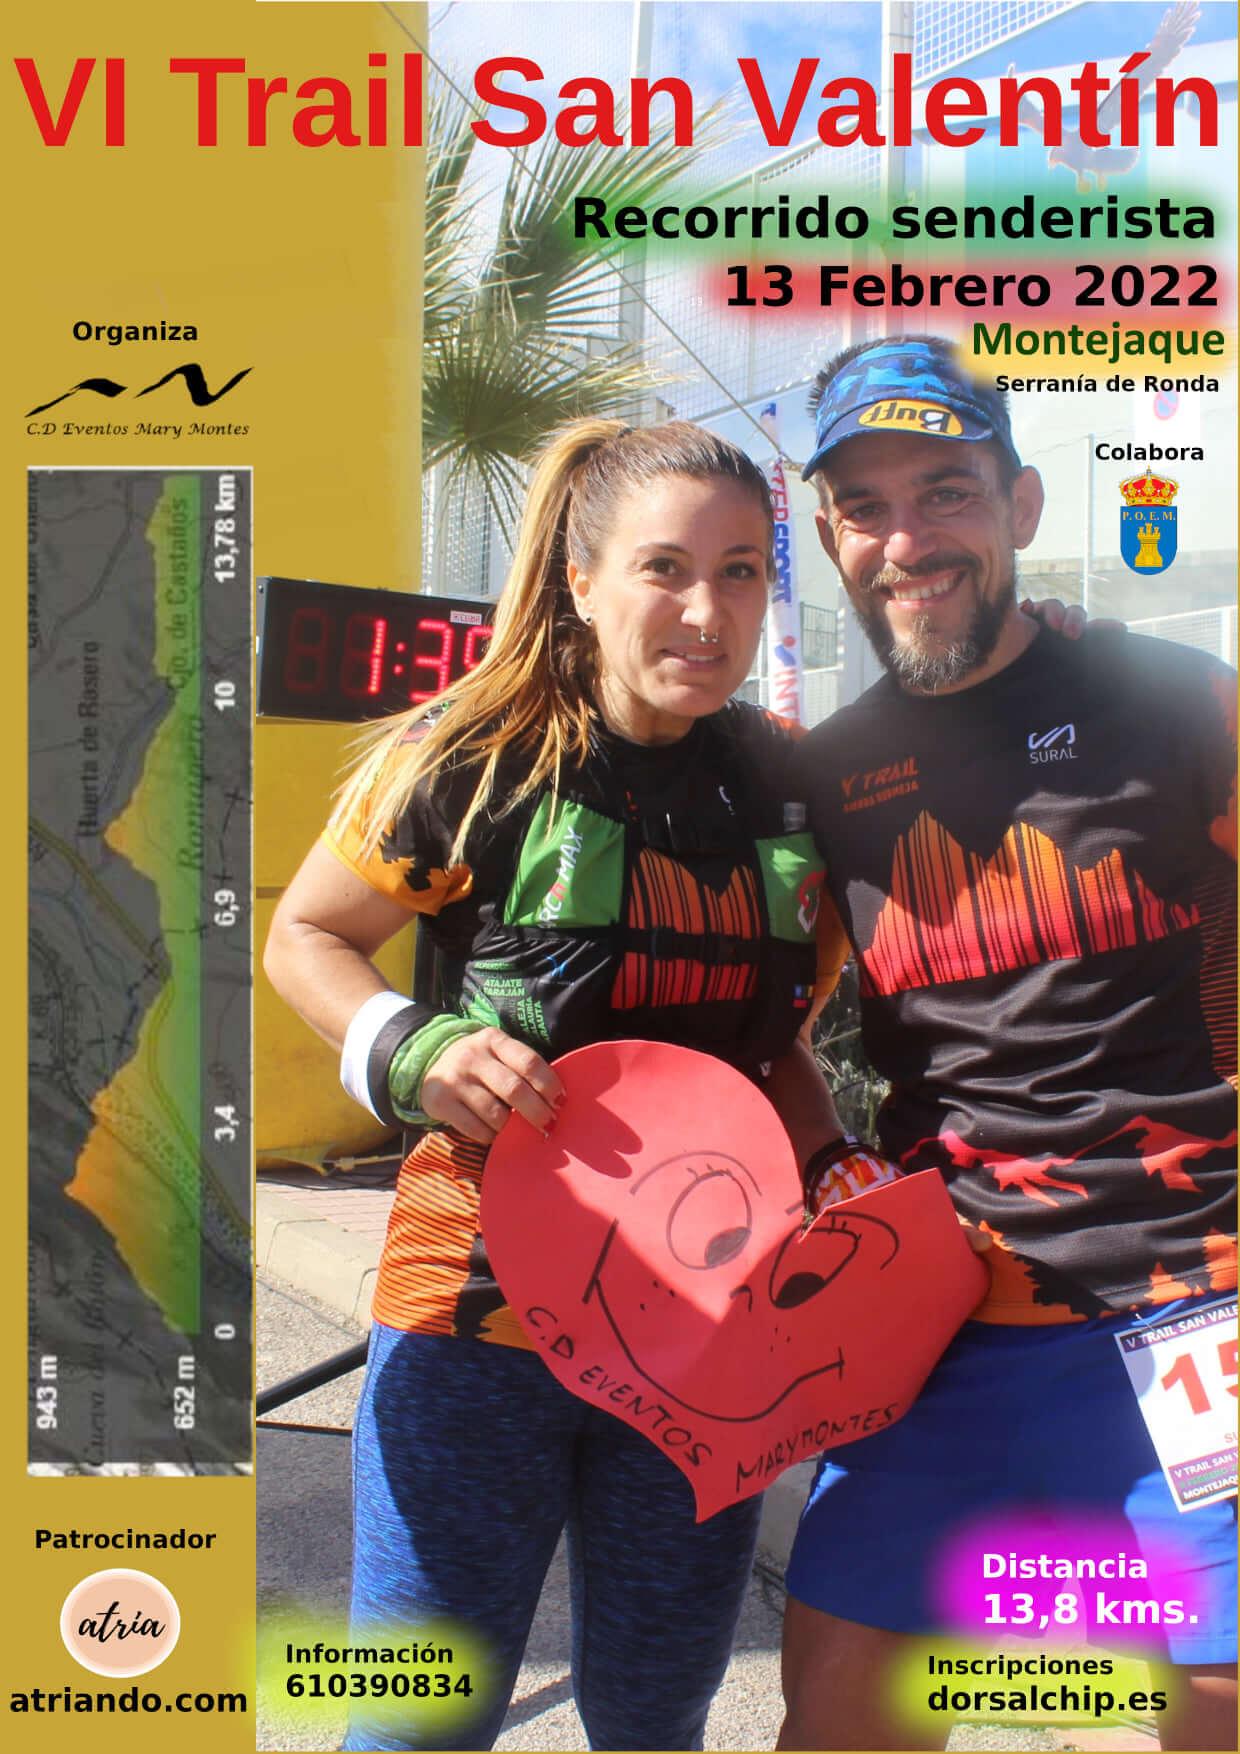 VI Trail San Valentín